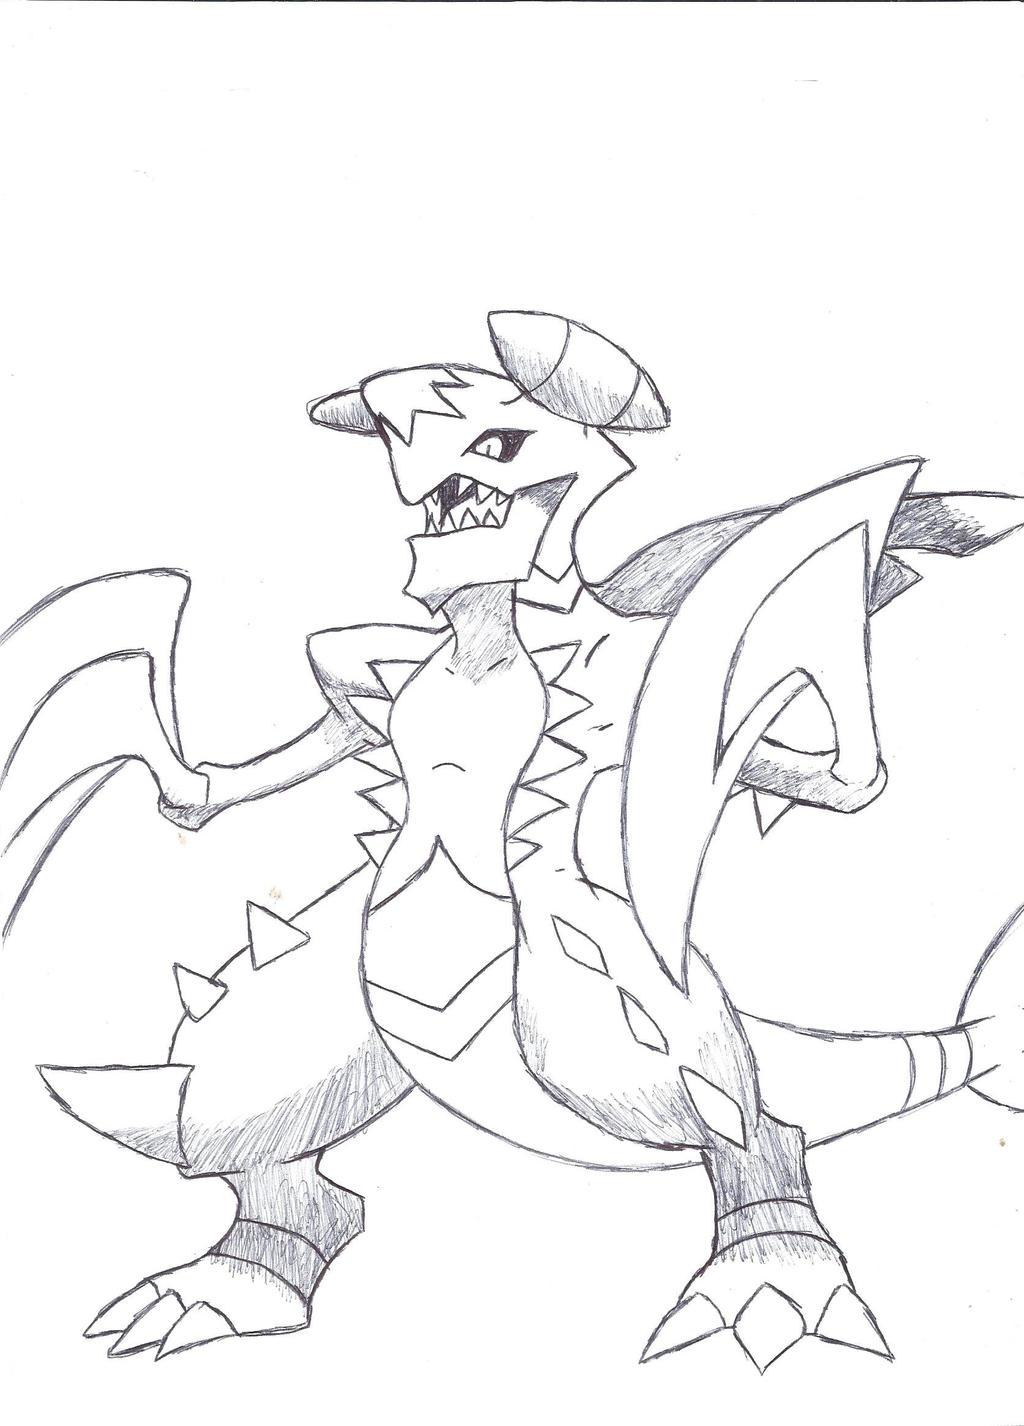 mega garchomp by deviantbuu427 on deviantart easy pokemon coloring pages pokemon mega garchomp coloring pages